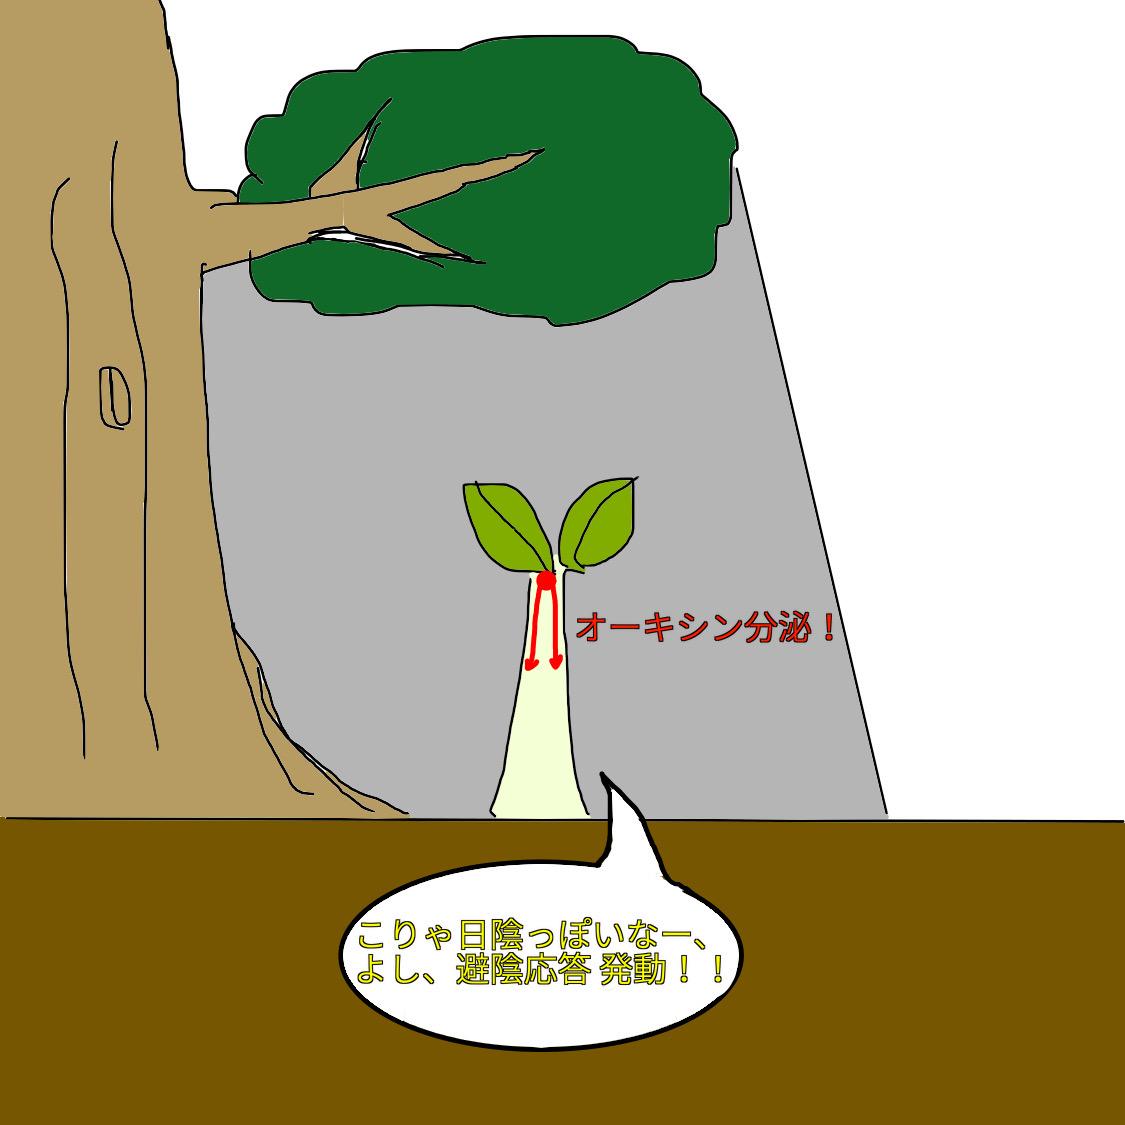 f:id:BambooBornY:20201201212906j:plain